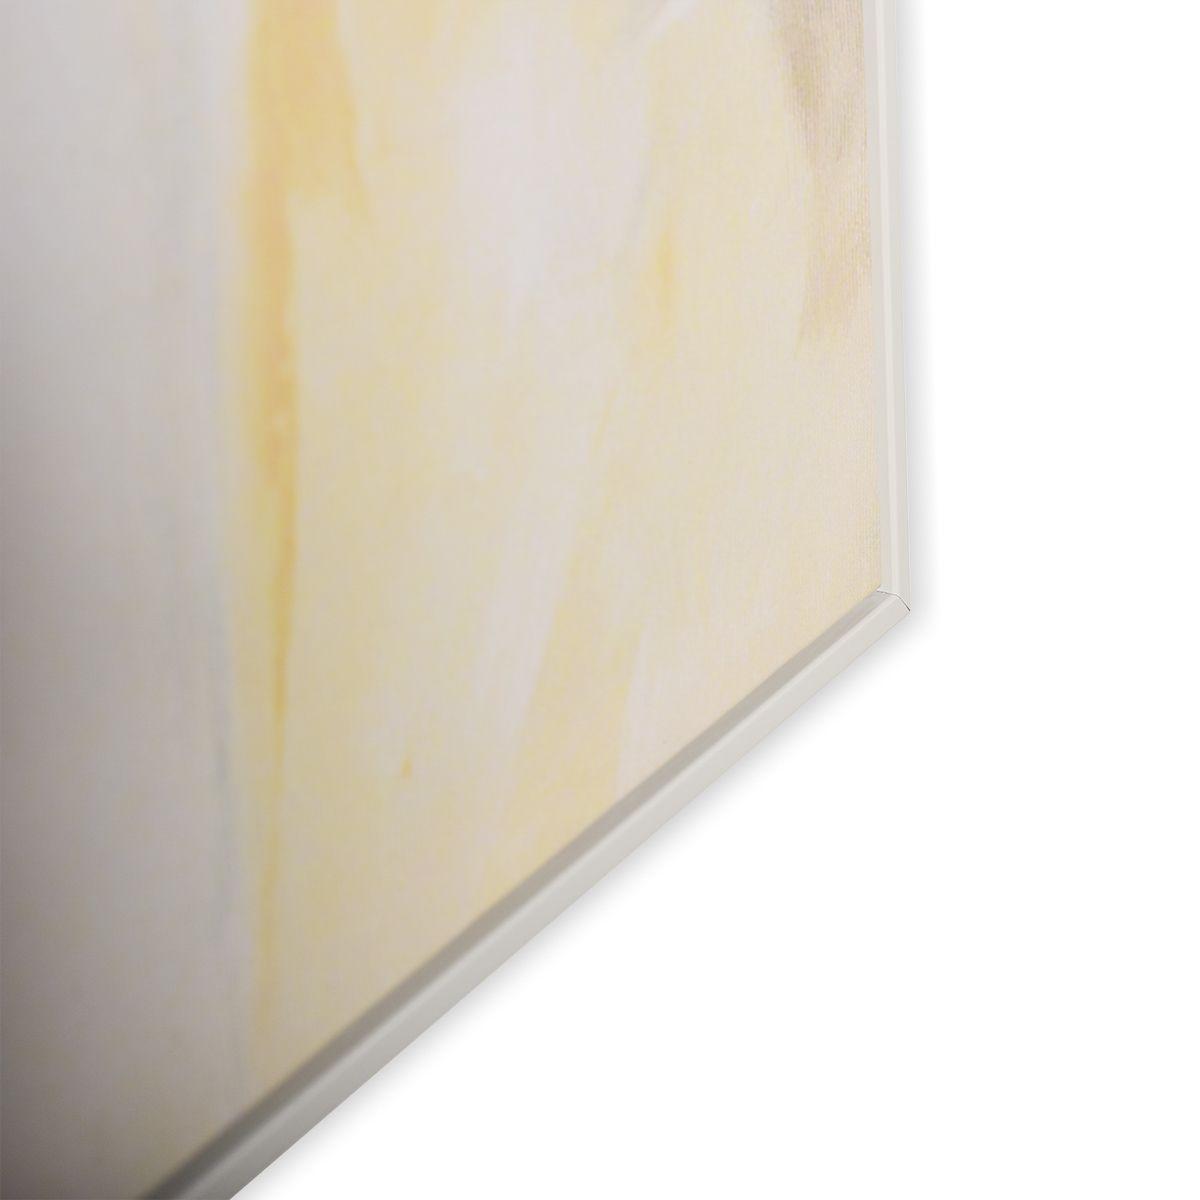 Quadro Decor Coleção Abstrato Rocha Ardente 3